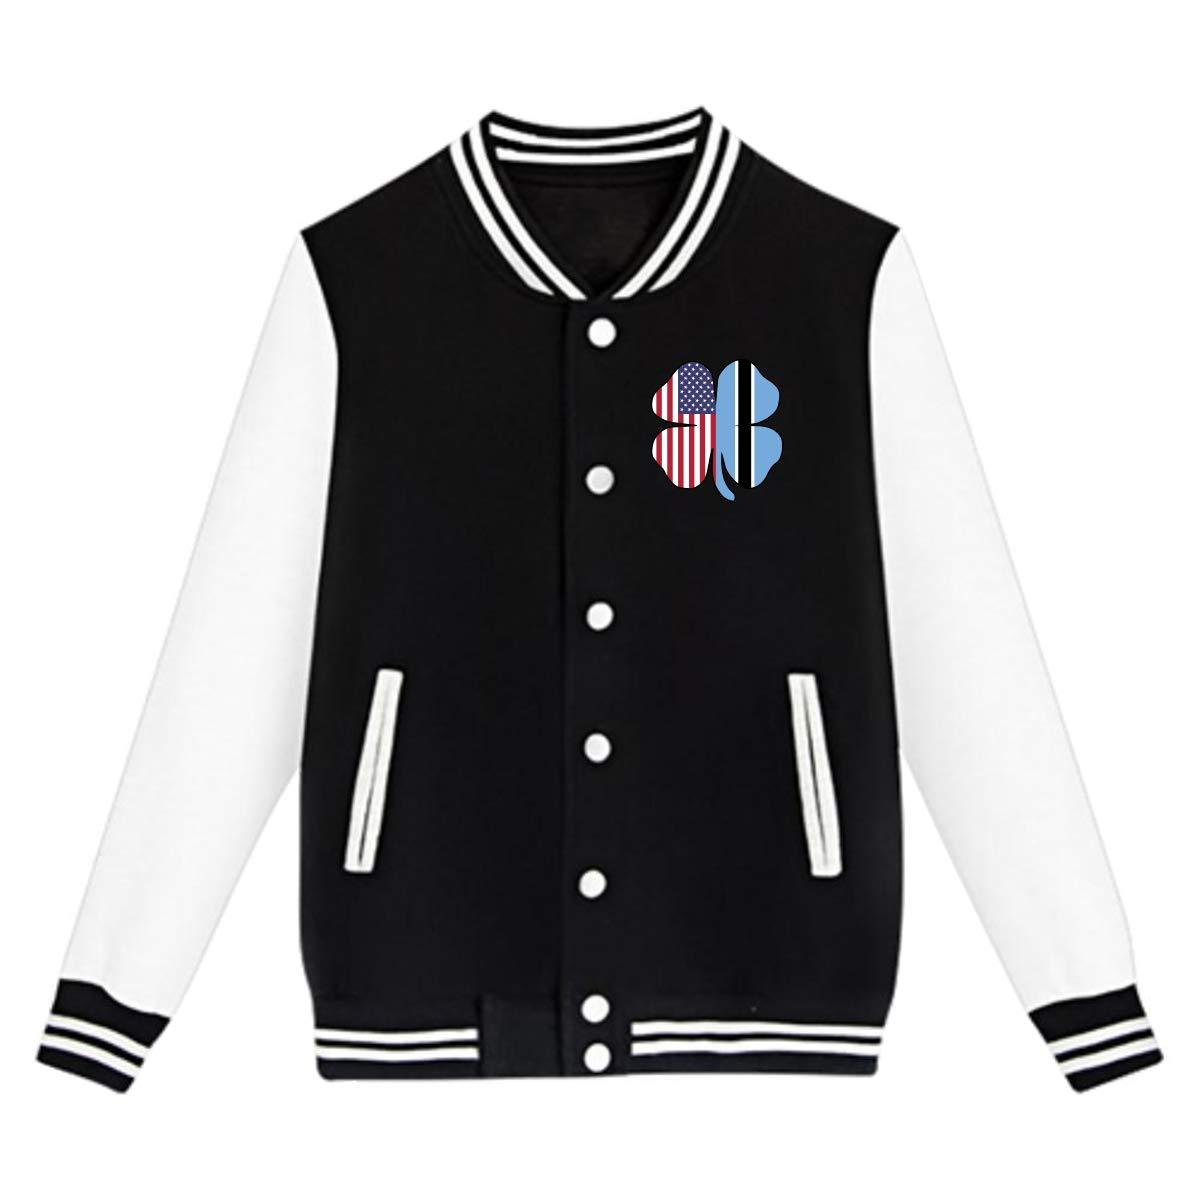 American Botswana Flag Shamrock Coat Sweatshirt Outwear NJKM5MJ Unisex Youth Baseball Uniform Jacket